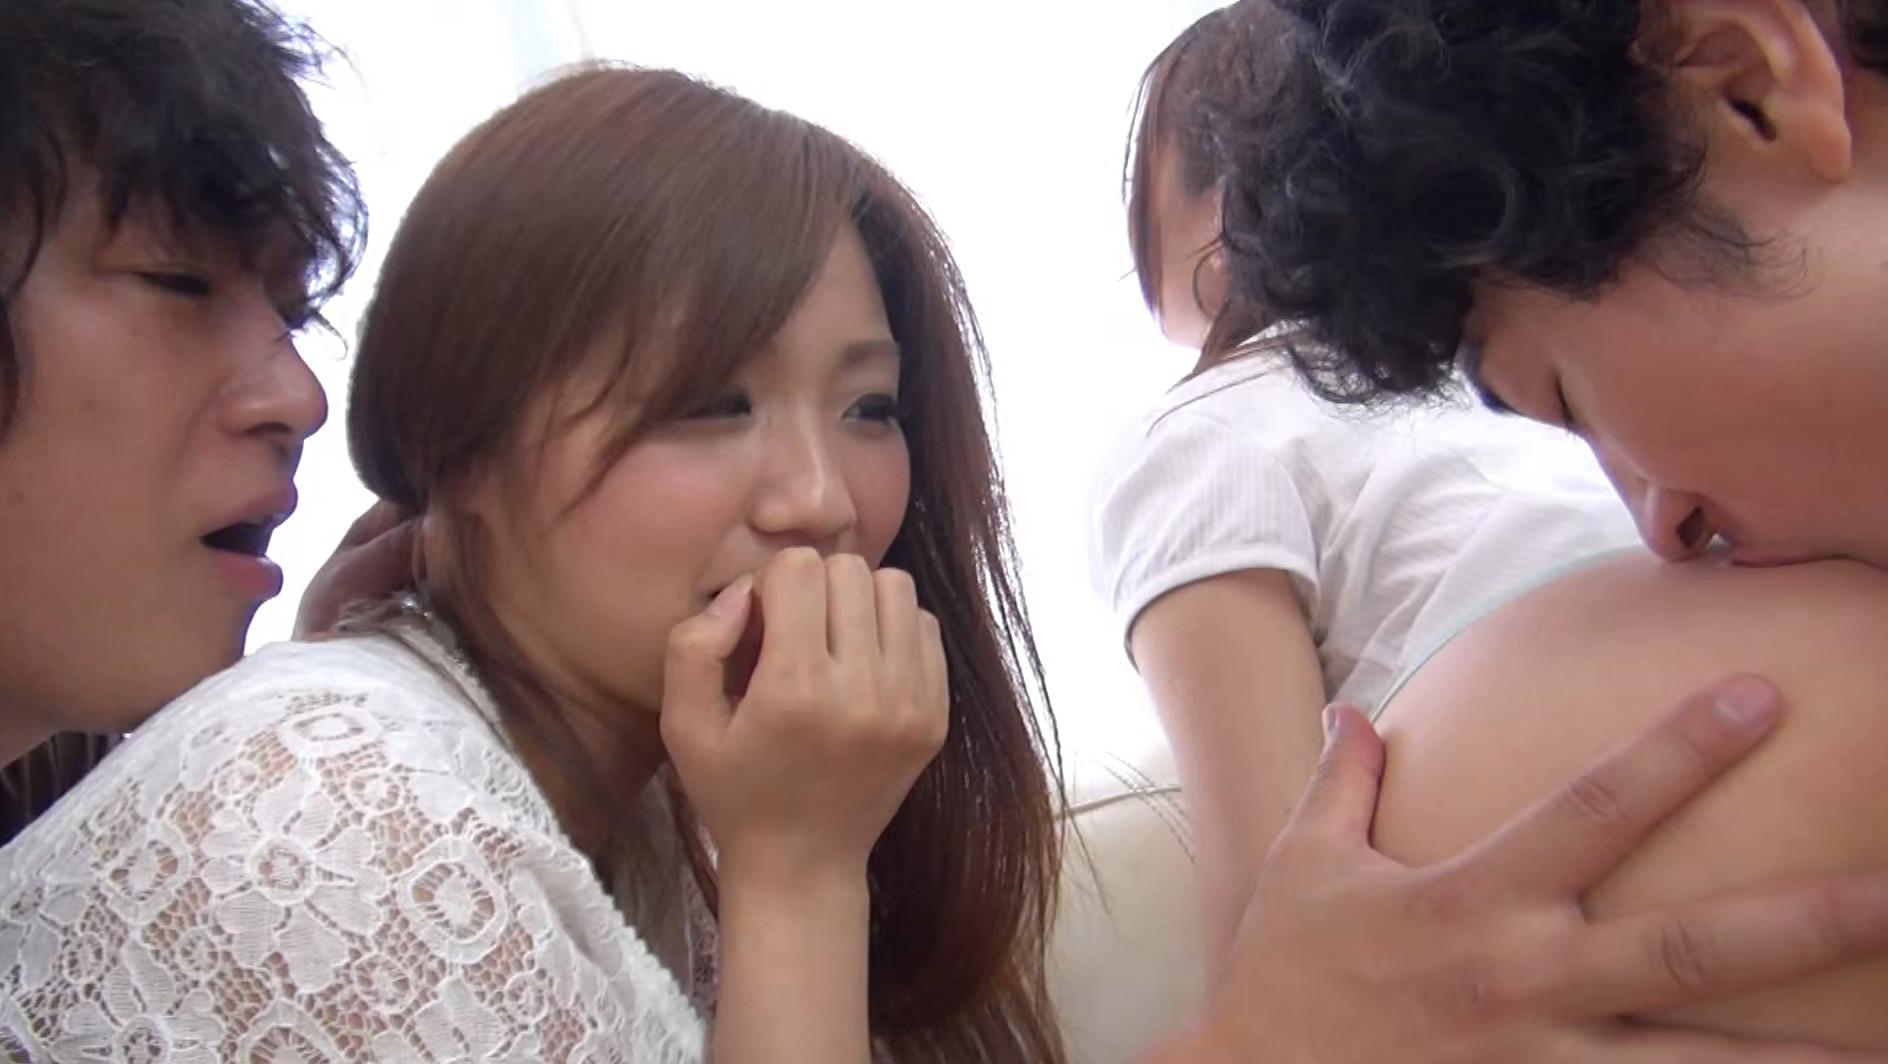 街角シロウト S級アイドル美少女ちゃんねる モデル志望のスレンダー娘の裏デビュー スペシャル4時間 画像16